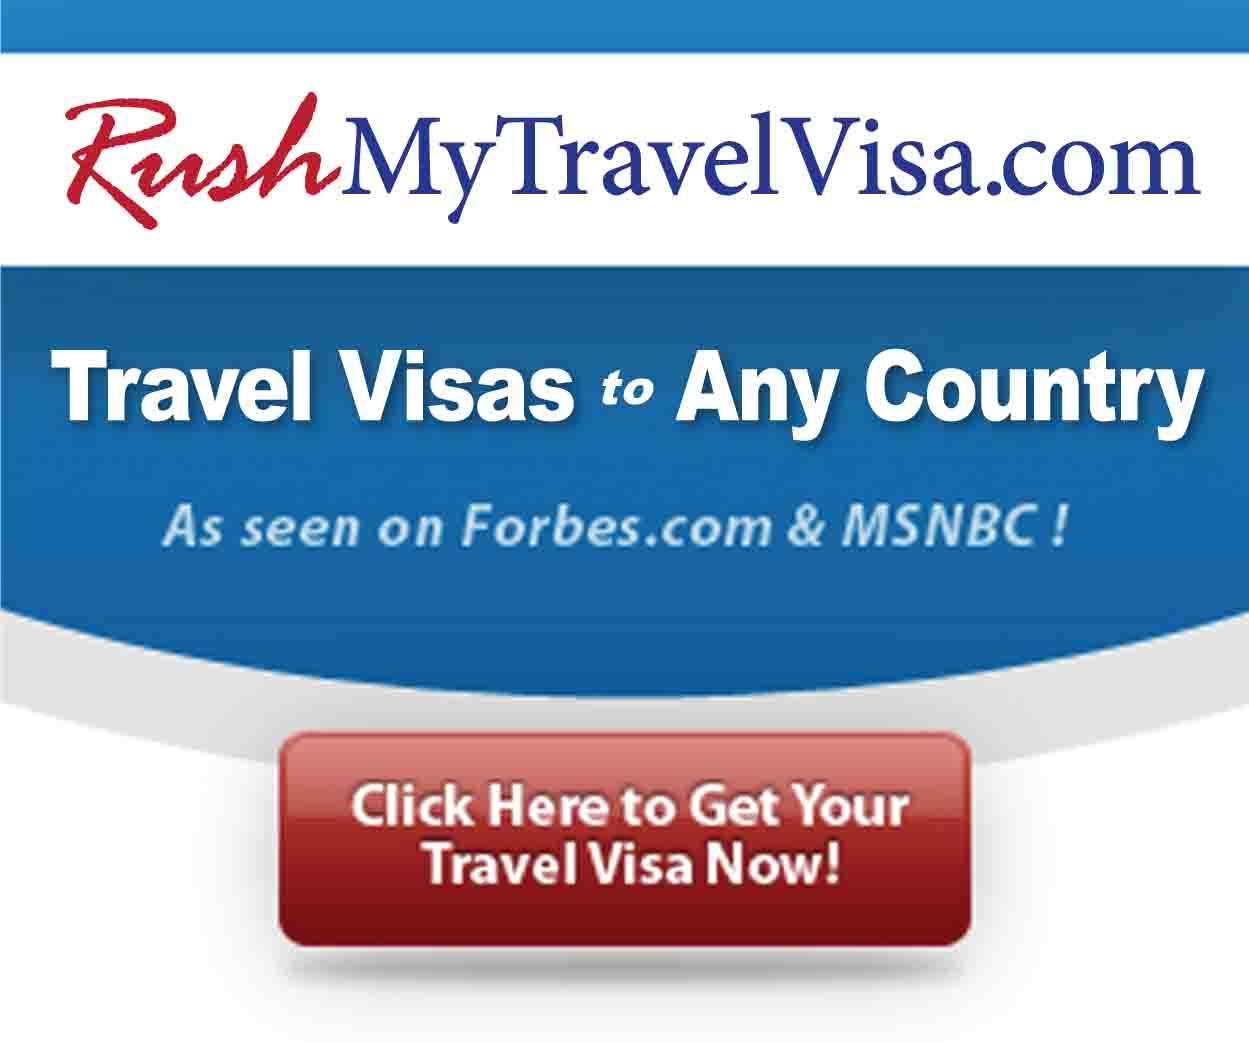 Rush My Travel Visa